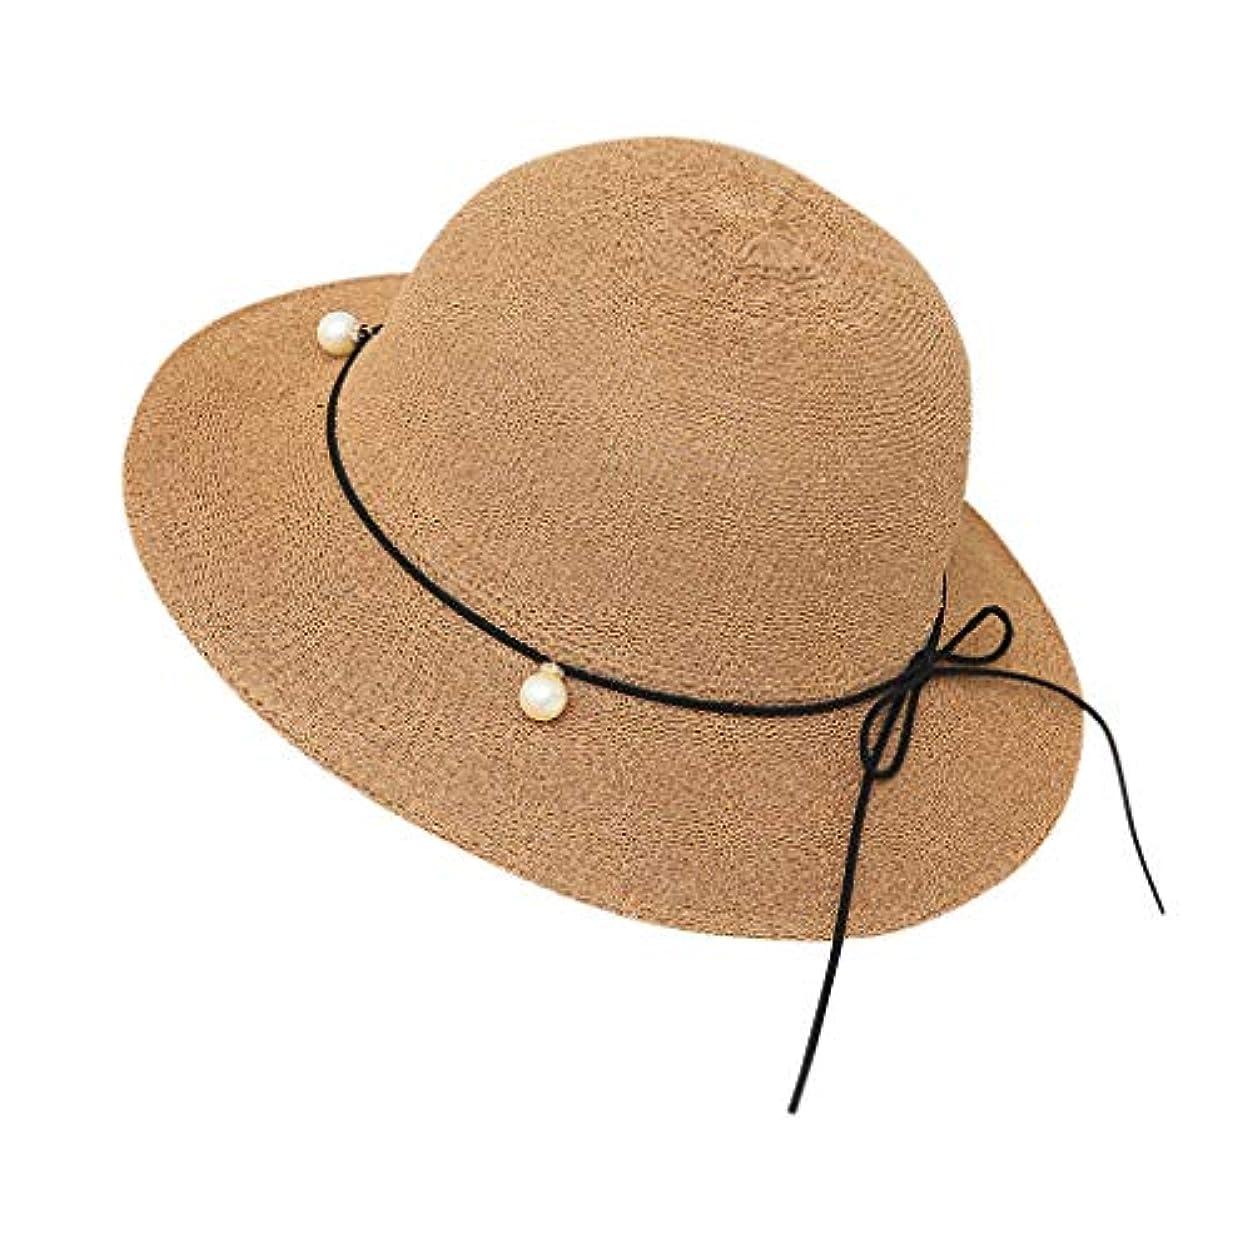 病者ぴかぴか領域帽子 レディース 夏 女性 UVカット 帽子 ハット 漁師帽 つば広 吸汗通気 紫外線対策 大きいサイズ 日焼け防止 サイズ調節 ベレー帽 帽子 レディース ビーチ 海辺 森ガール 女優帽 日よけ ROSE ROMAN